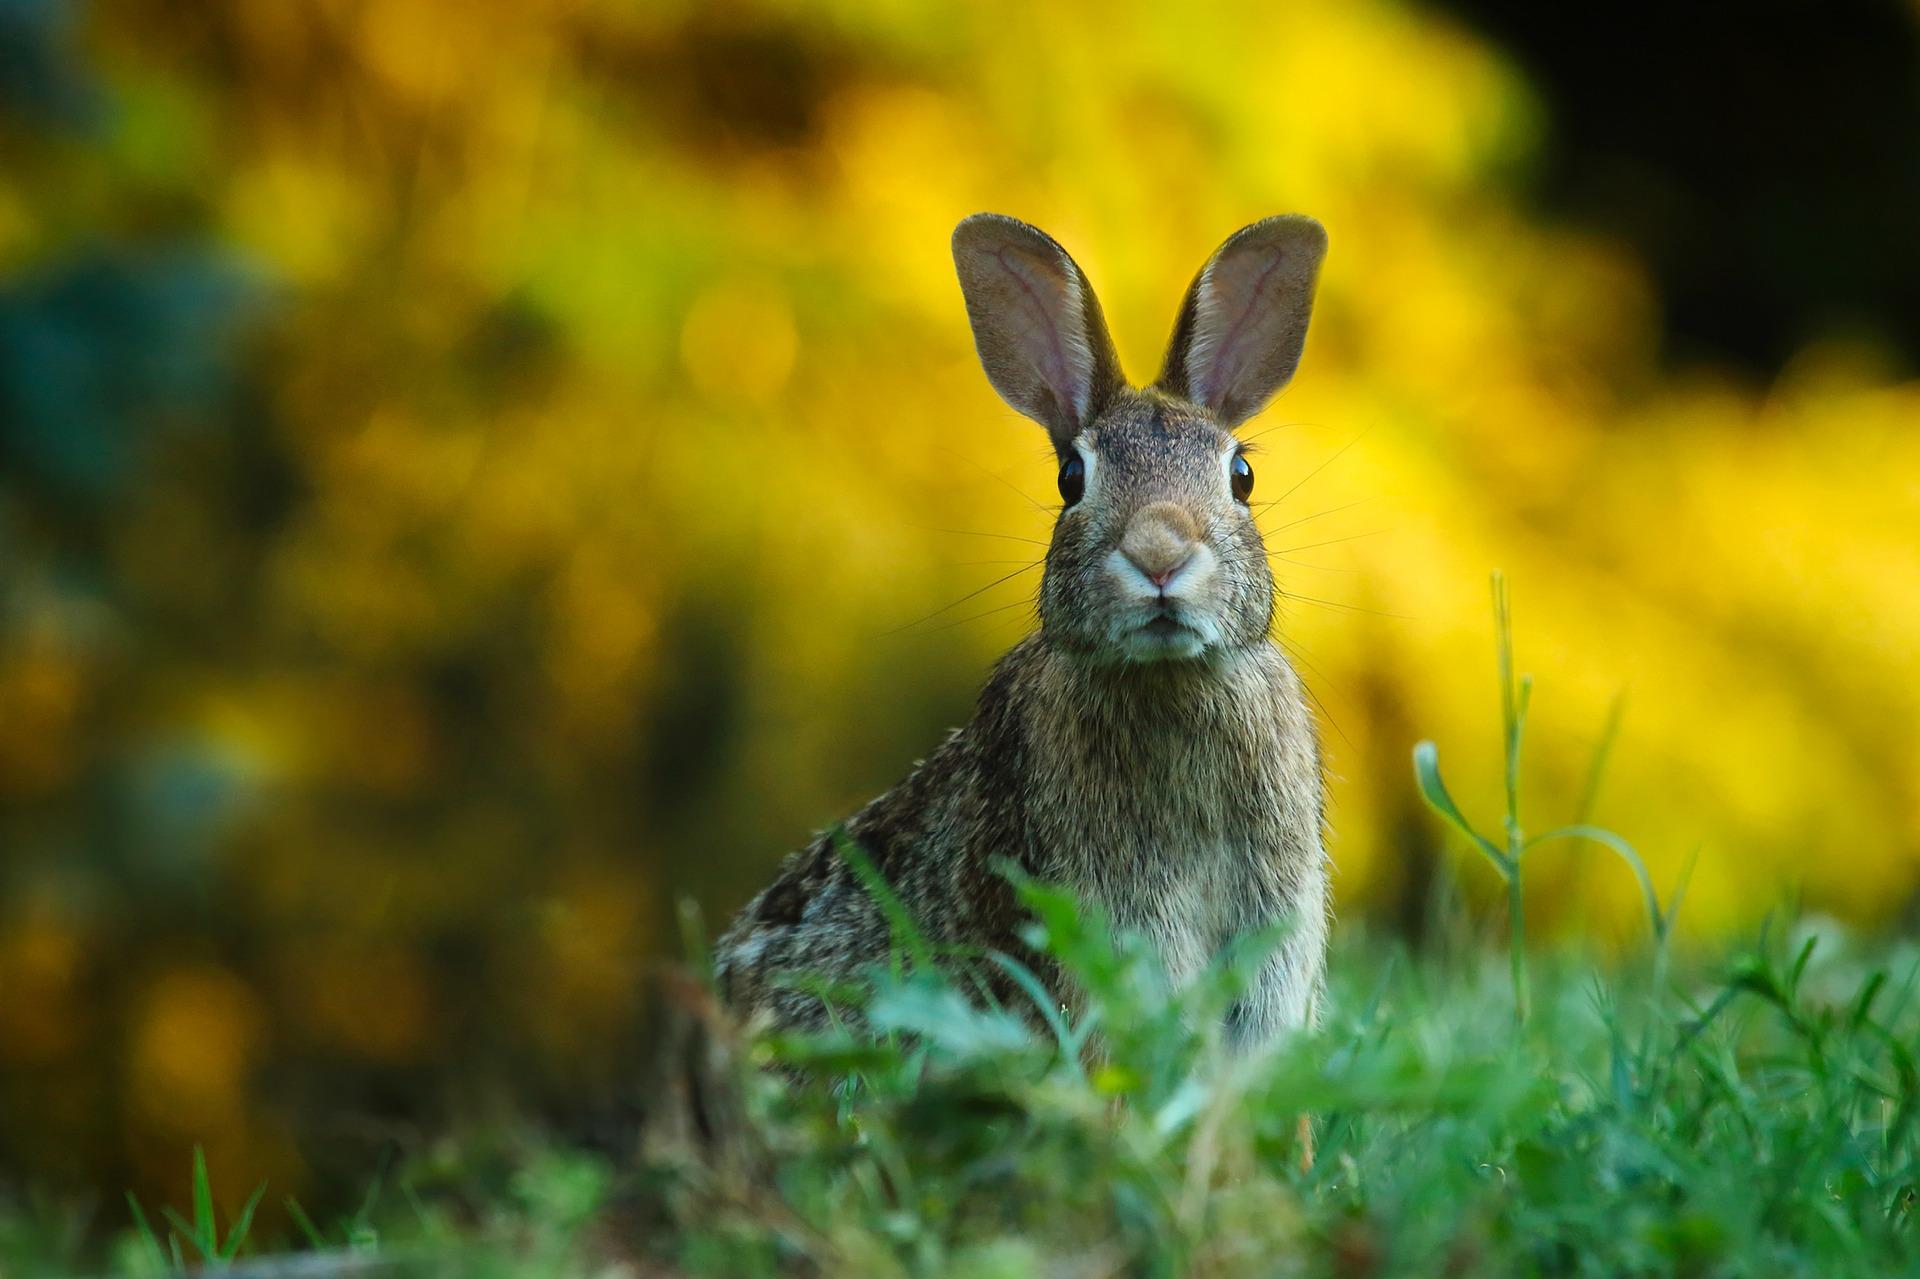 download wallpaper: een alert konijntje wallpaper